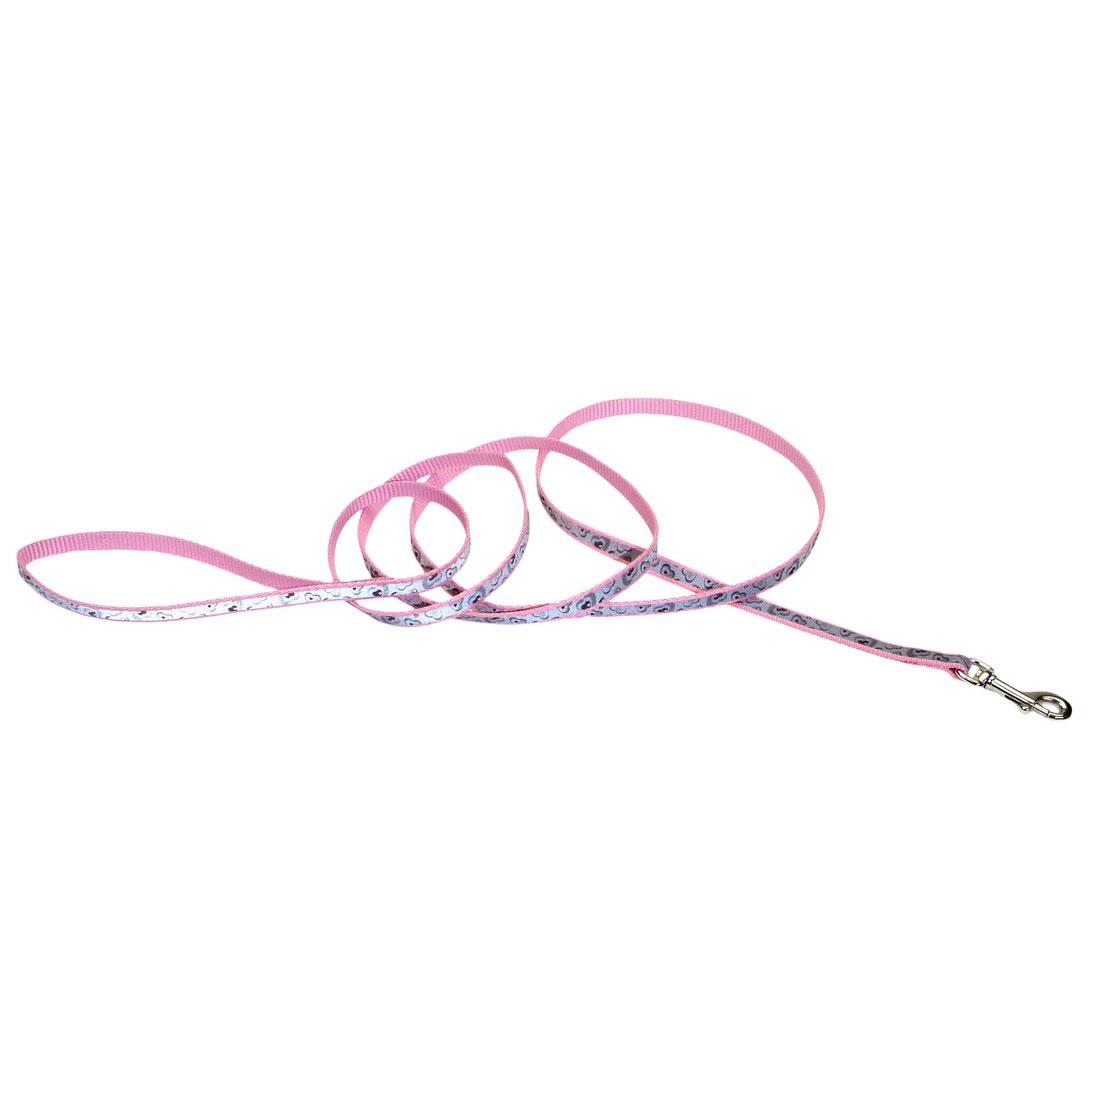 Lazer Brite Reflective Dog Leash, Pink Hearts, 1-inx6-inx6-